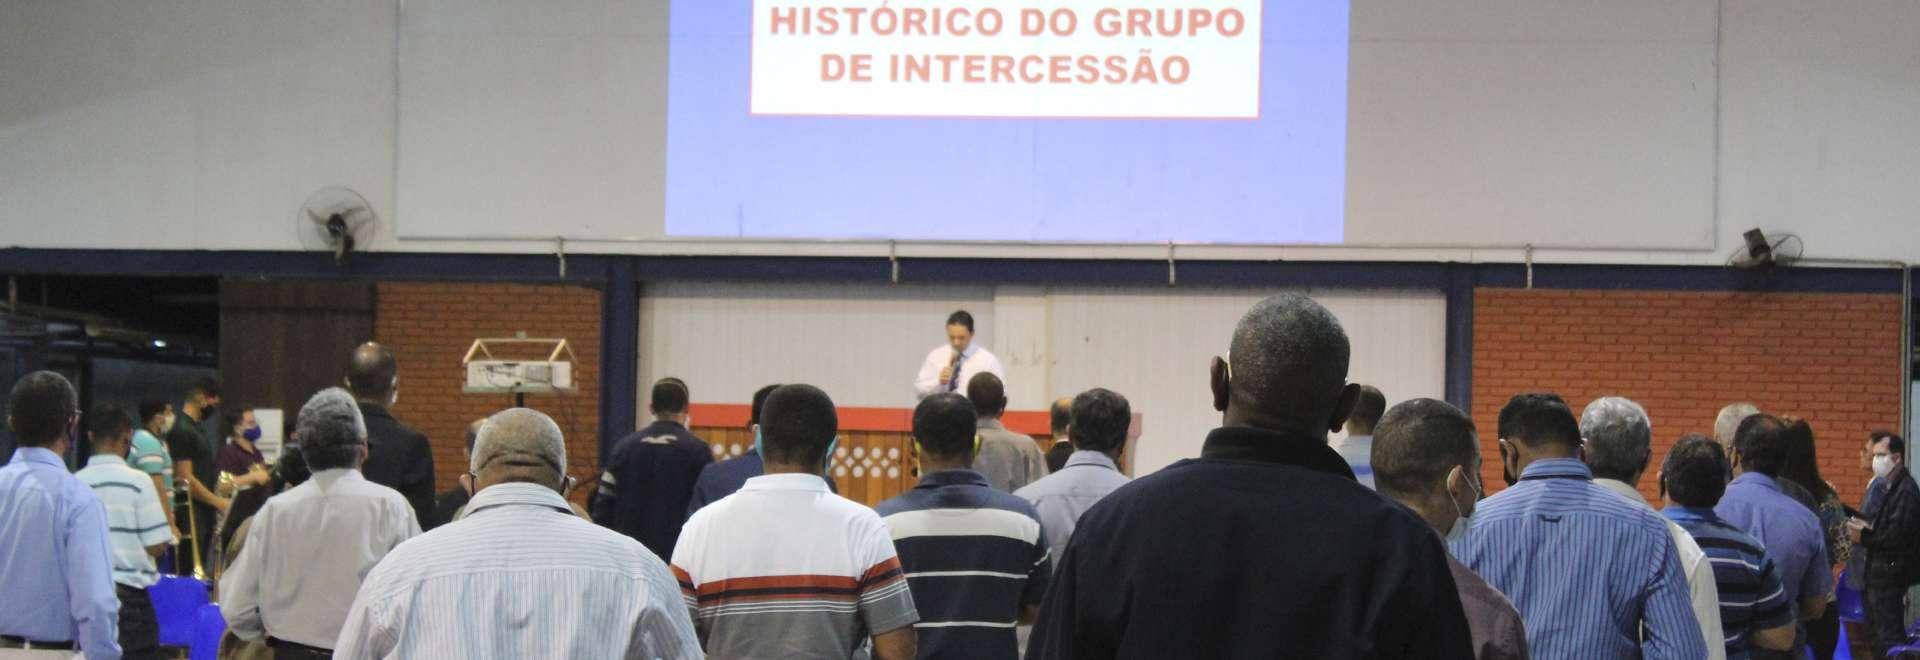 Igreja Cristã Maranata relembra, em mês festivo, o surgimento do Grupo de Intercessão